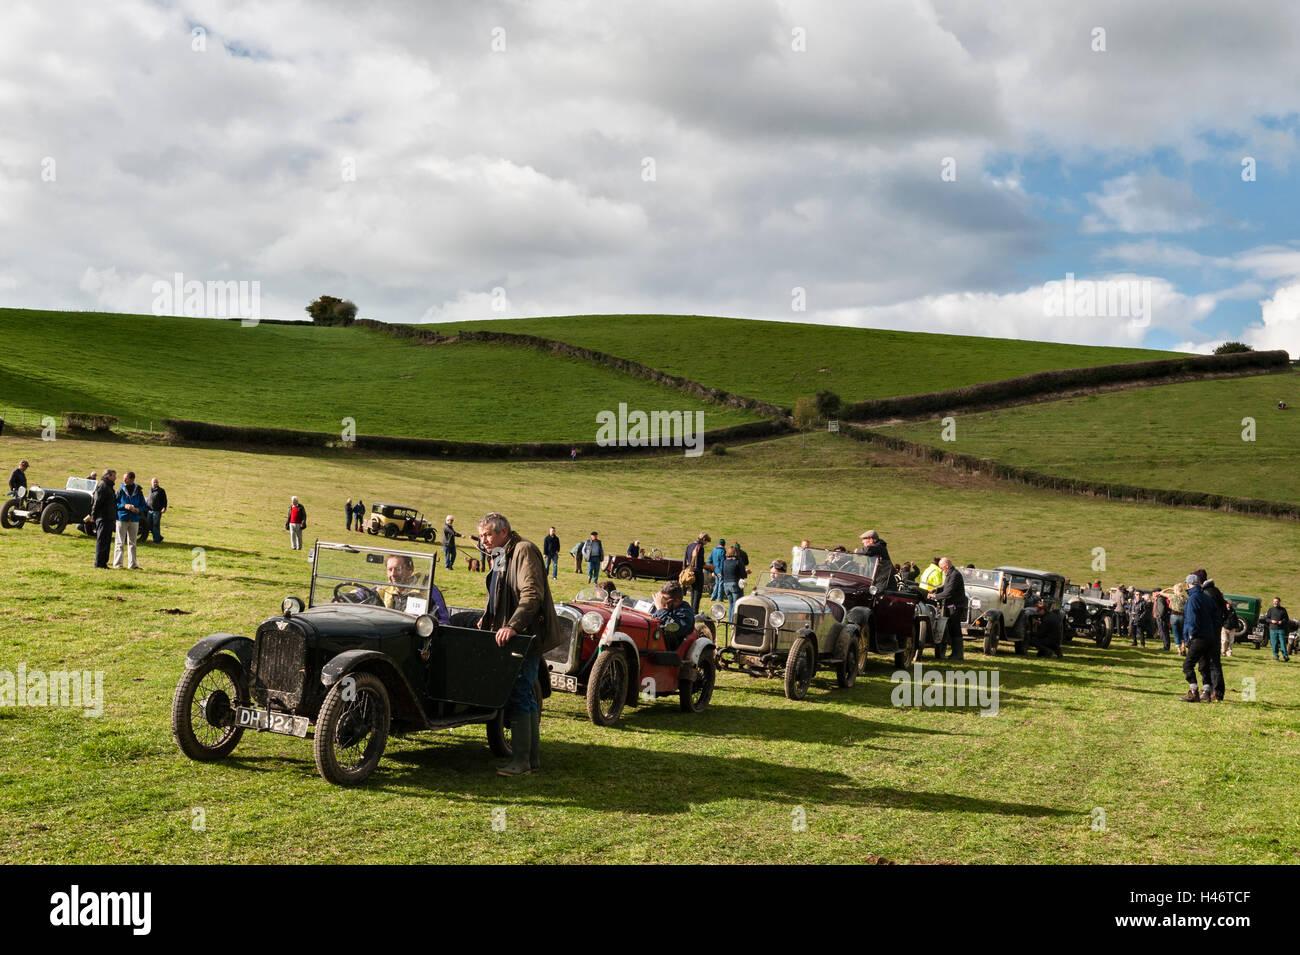 CWM Whitton, nahe Knighton, Powys, UK. Eine jährliche Rallye VSCC (Vintage Sports Car Club) hat hier seit 1939 Stockbild